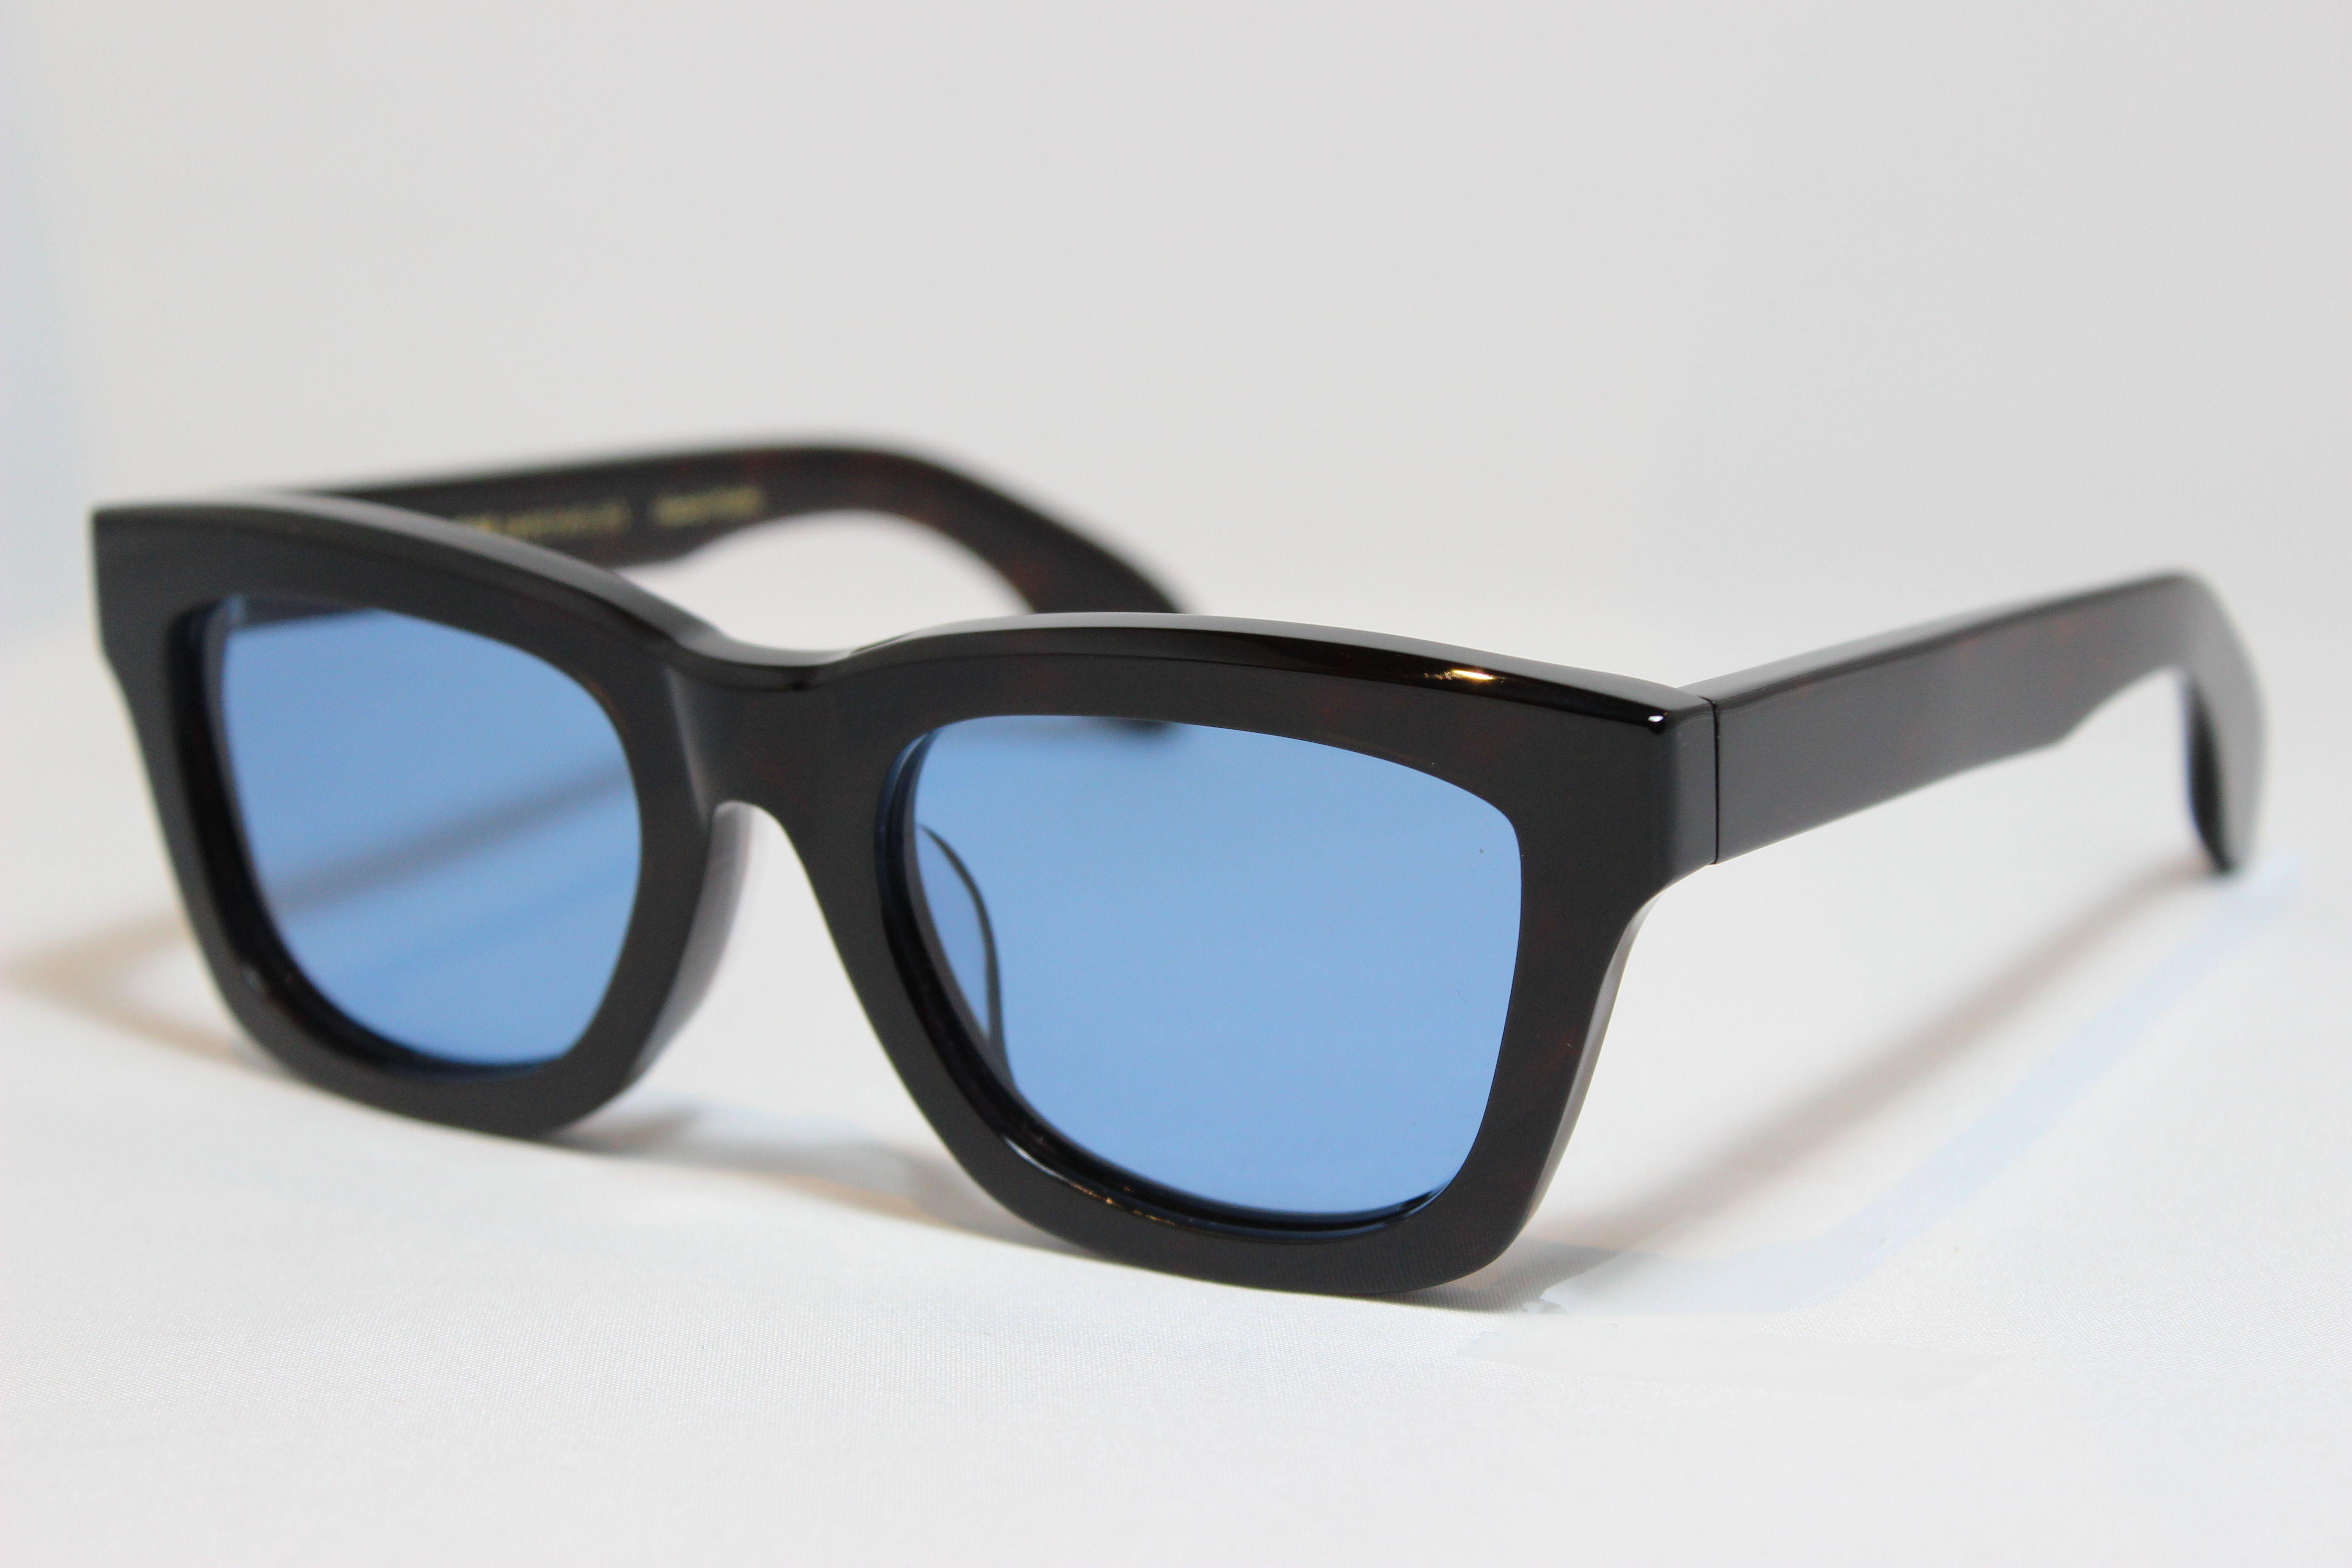 フリーダム スペクタクルス アレン サングラス べっ甲 FREEDOM SPECTACLES ALLEN (Tortoise/Blue-Lens)